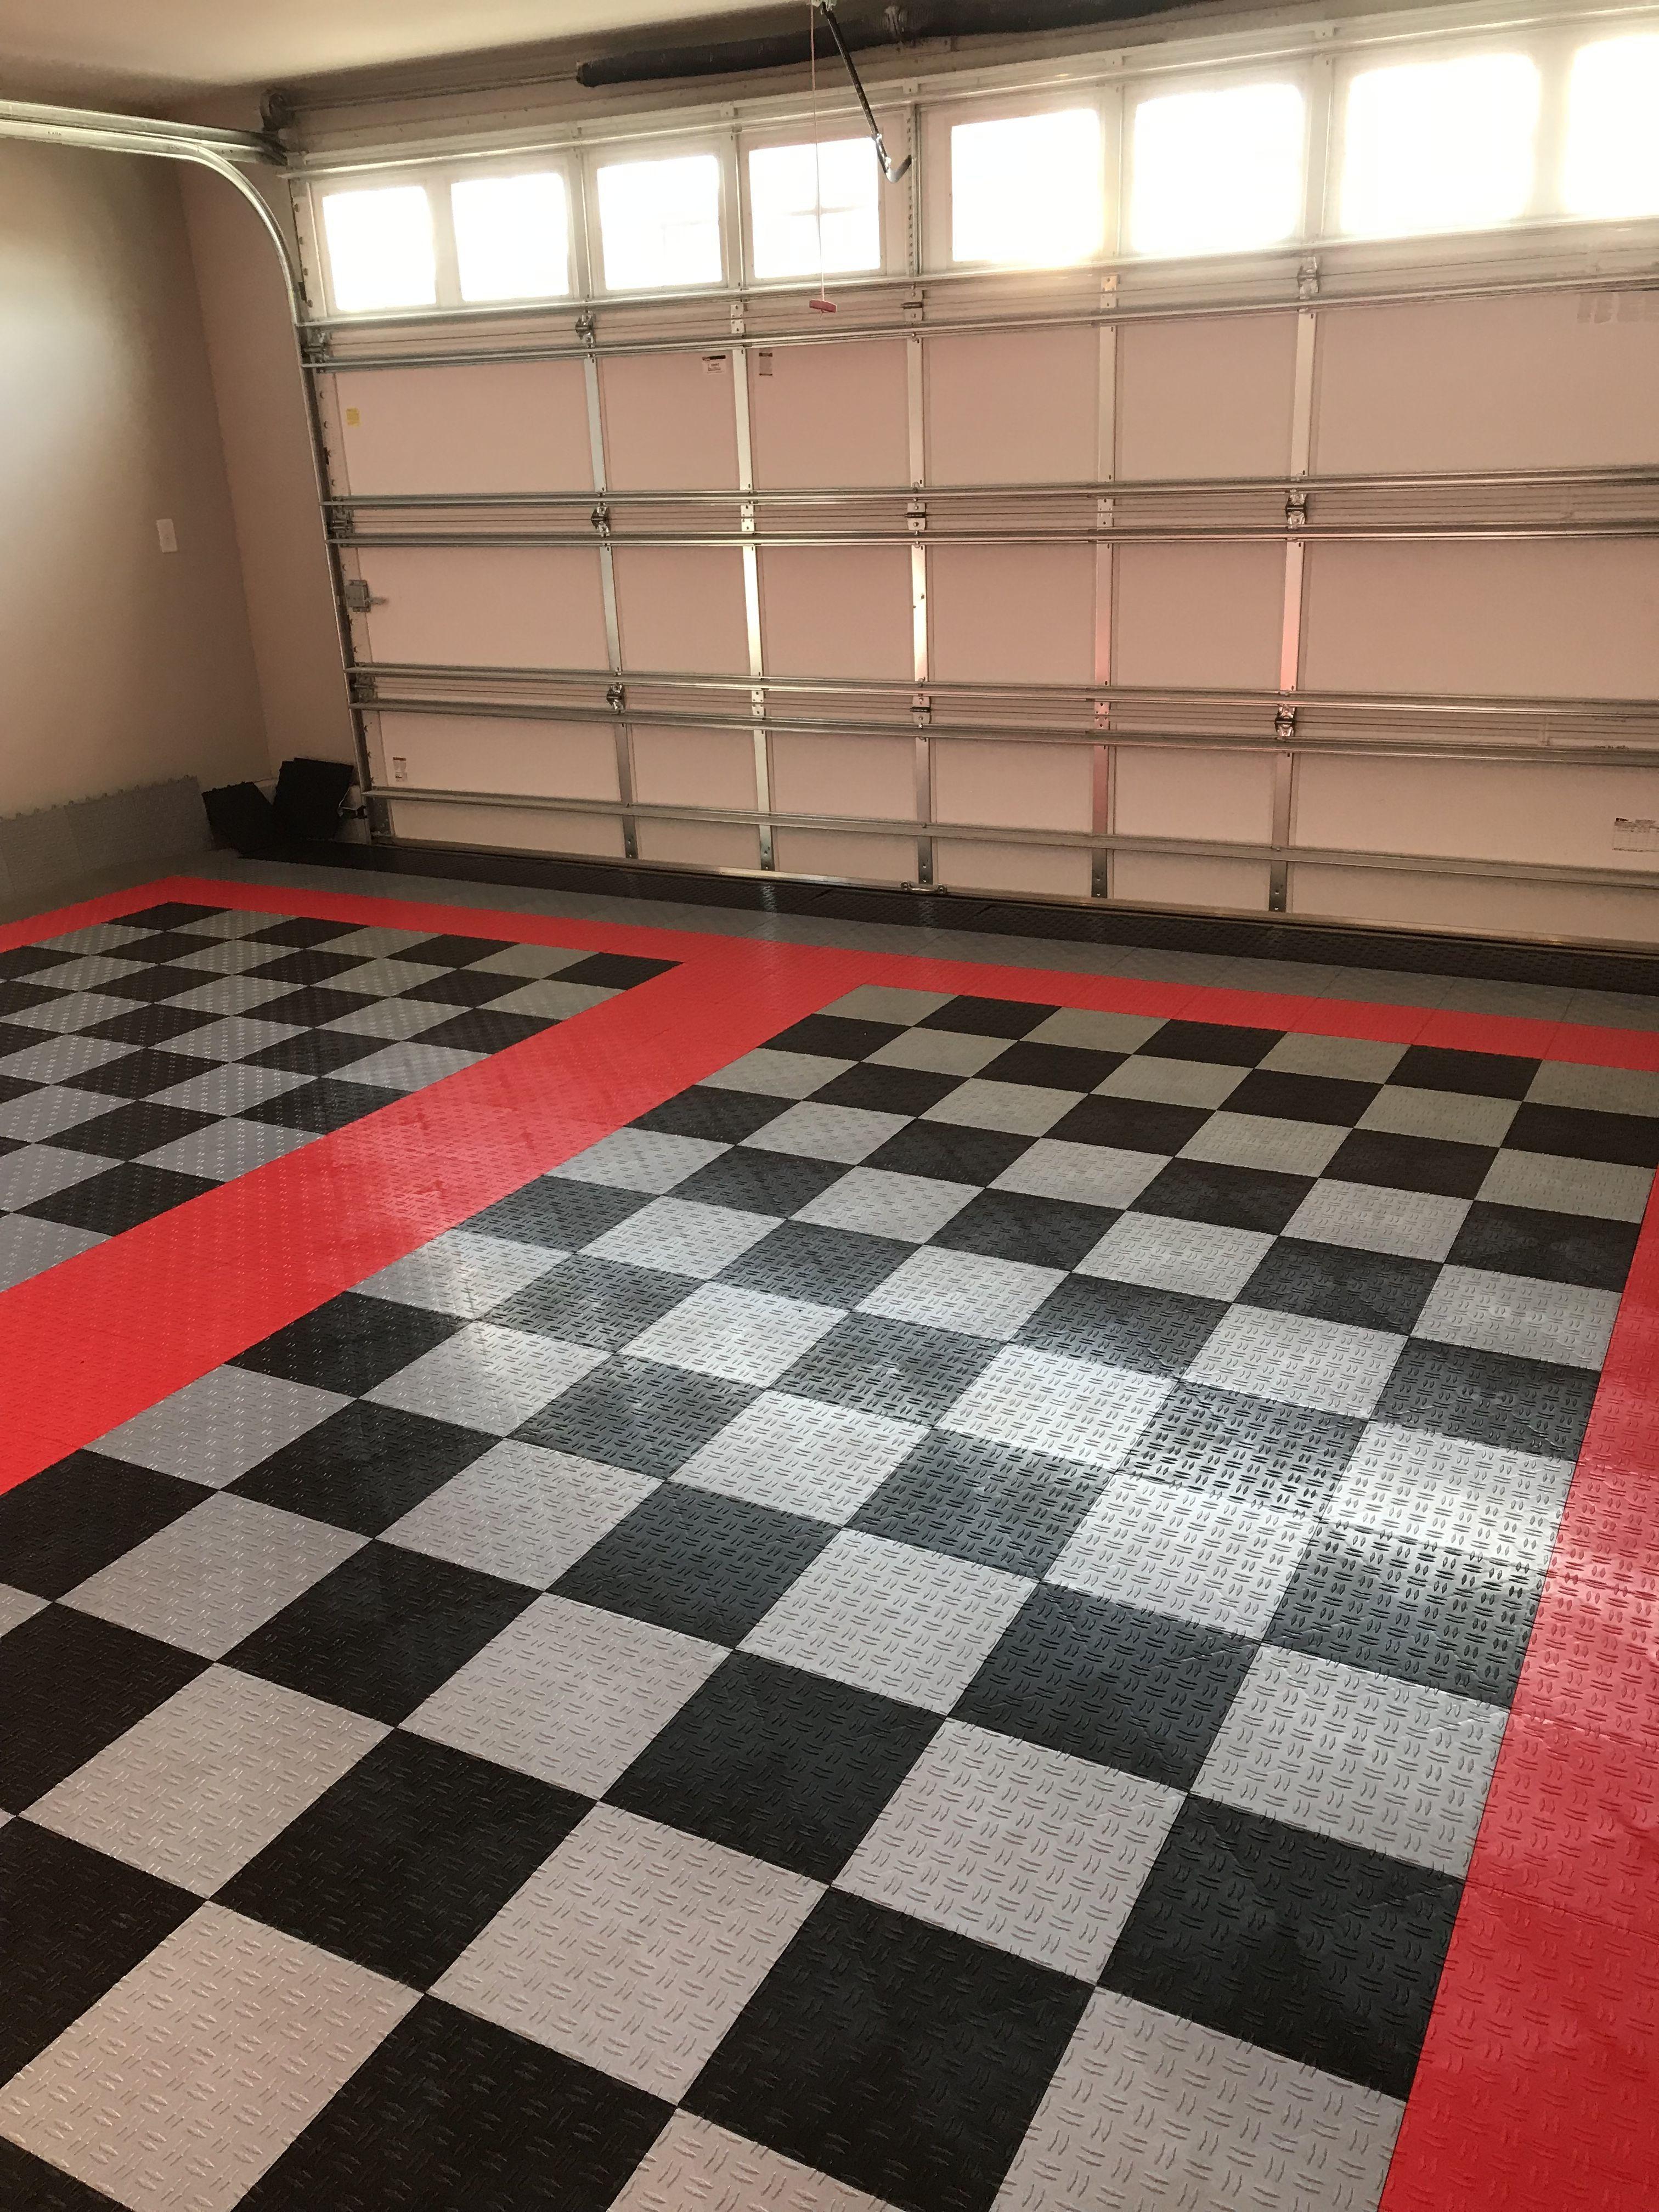 Garage Floor Tiles American Made Truelock Hd Racedeck Tile Garage Floor Tiles Garage Floor Garage Decor